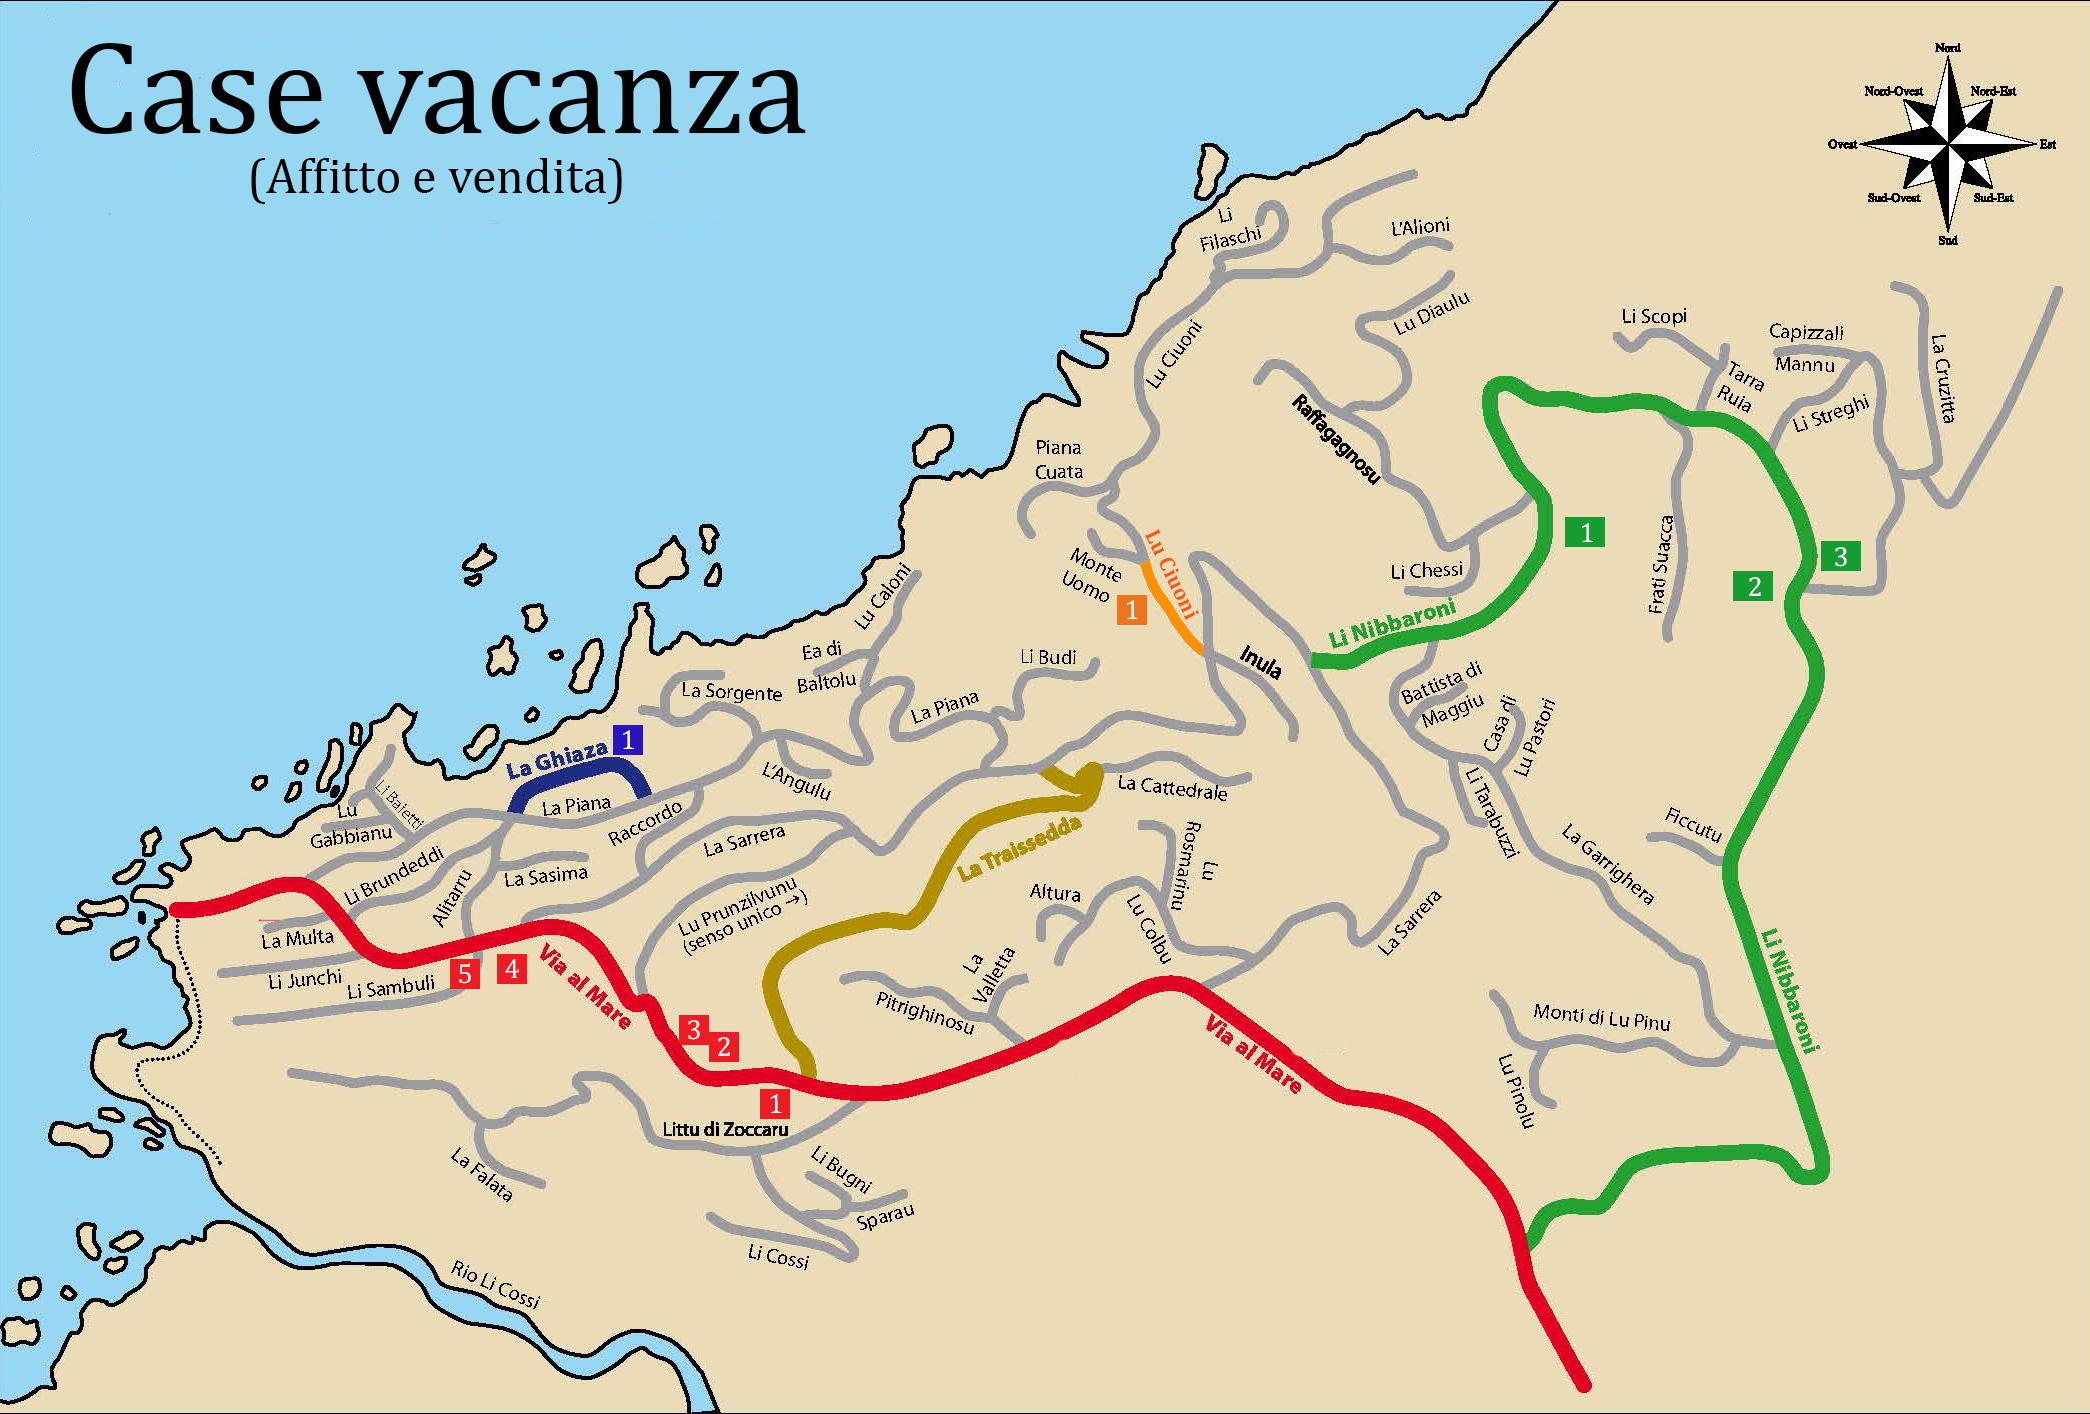 Territorio costa paradiso mappe 2